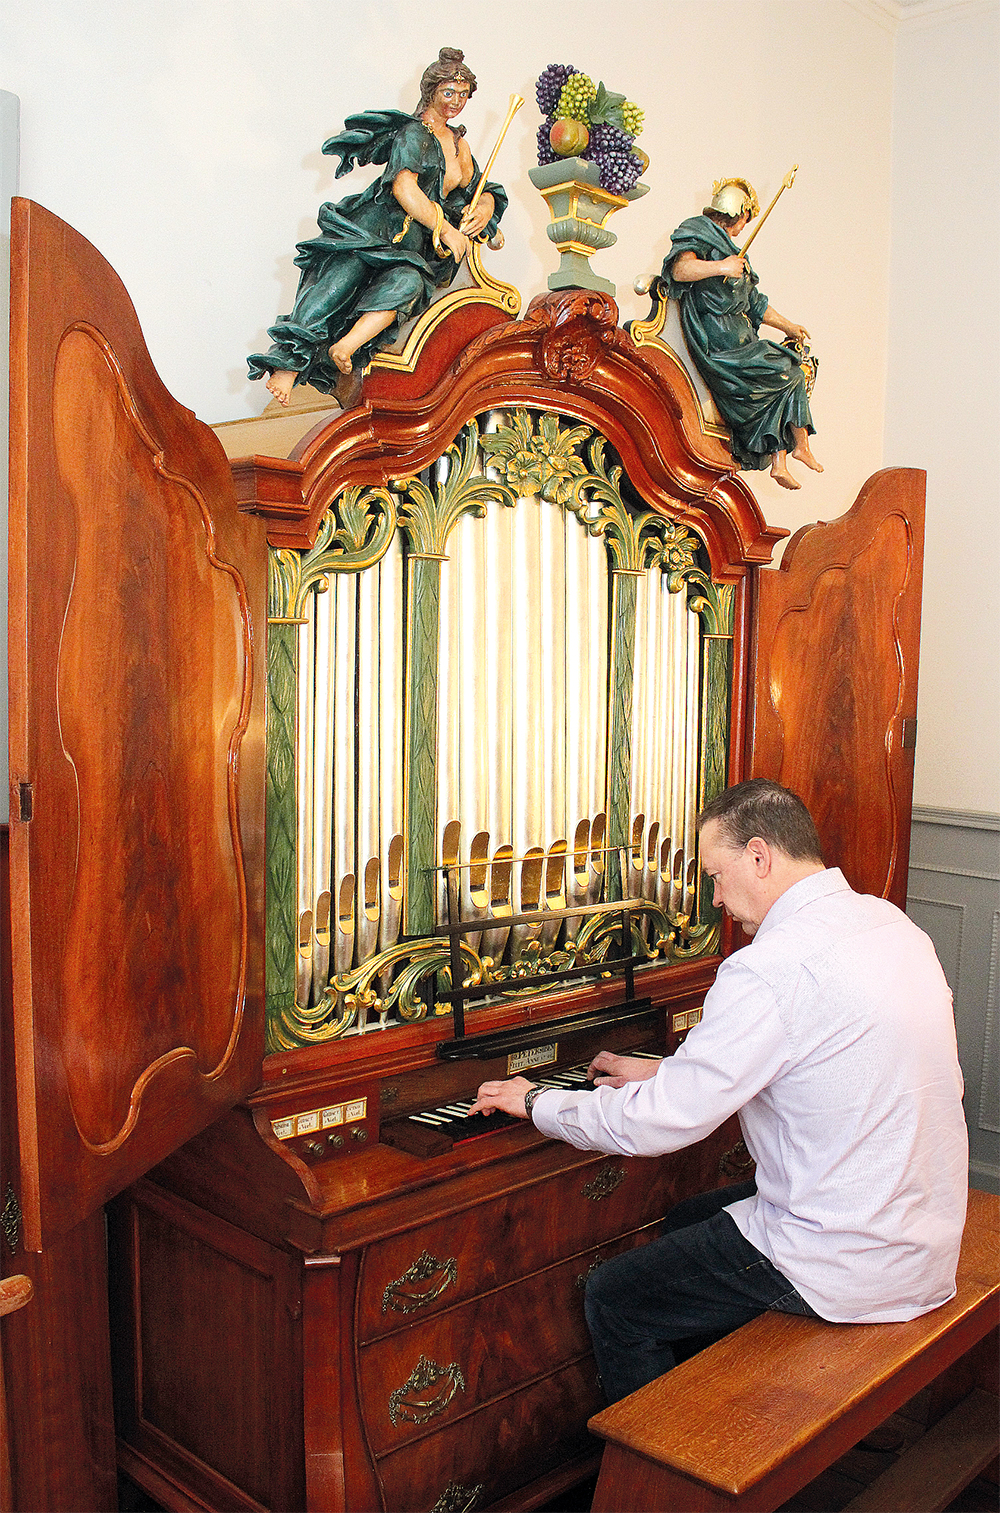 WEENER. Im ORGANEUM steht d. Kabinett-Orgel aus Emden v.1790. Organist LUDOLF HEIKENS.Foto.B.Meier.2.2015